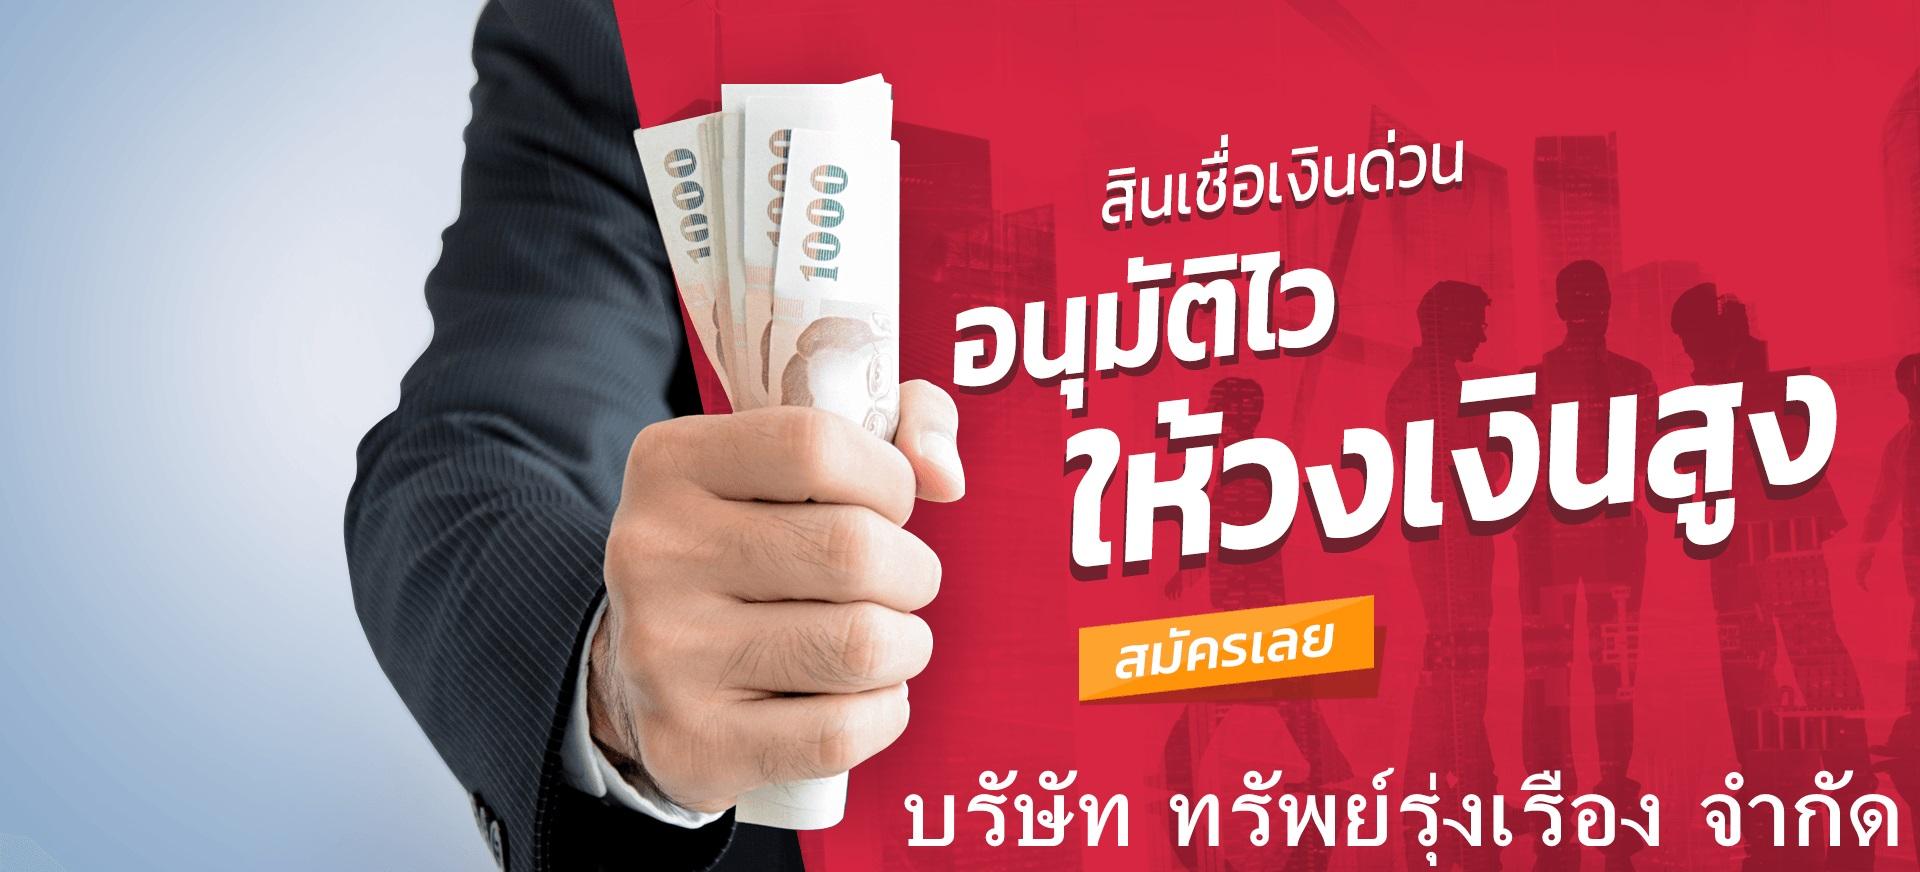 เงินกู้ ,เงินด่วน, สินเชื่อ,สินเชื่อเพื่อธุรกิจ,แหล่งเงินทุน,สินเชื่อเงินด่วน